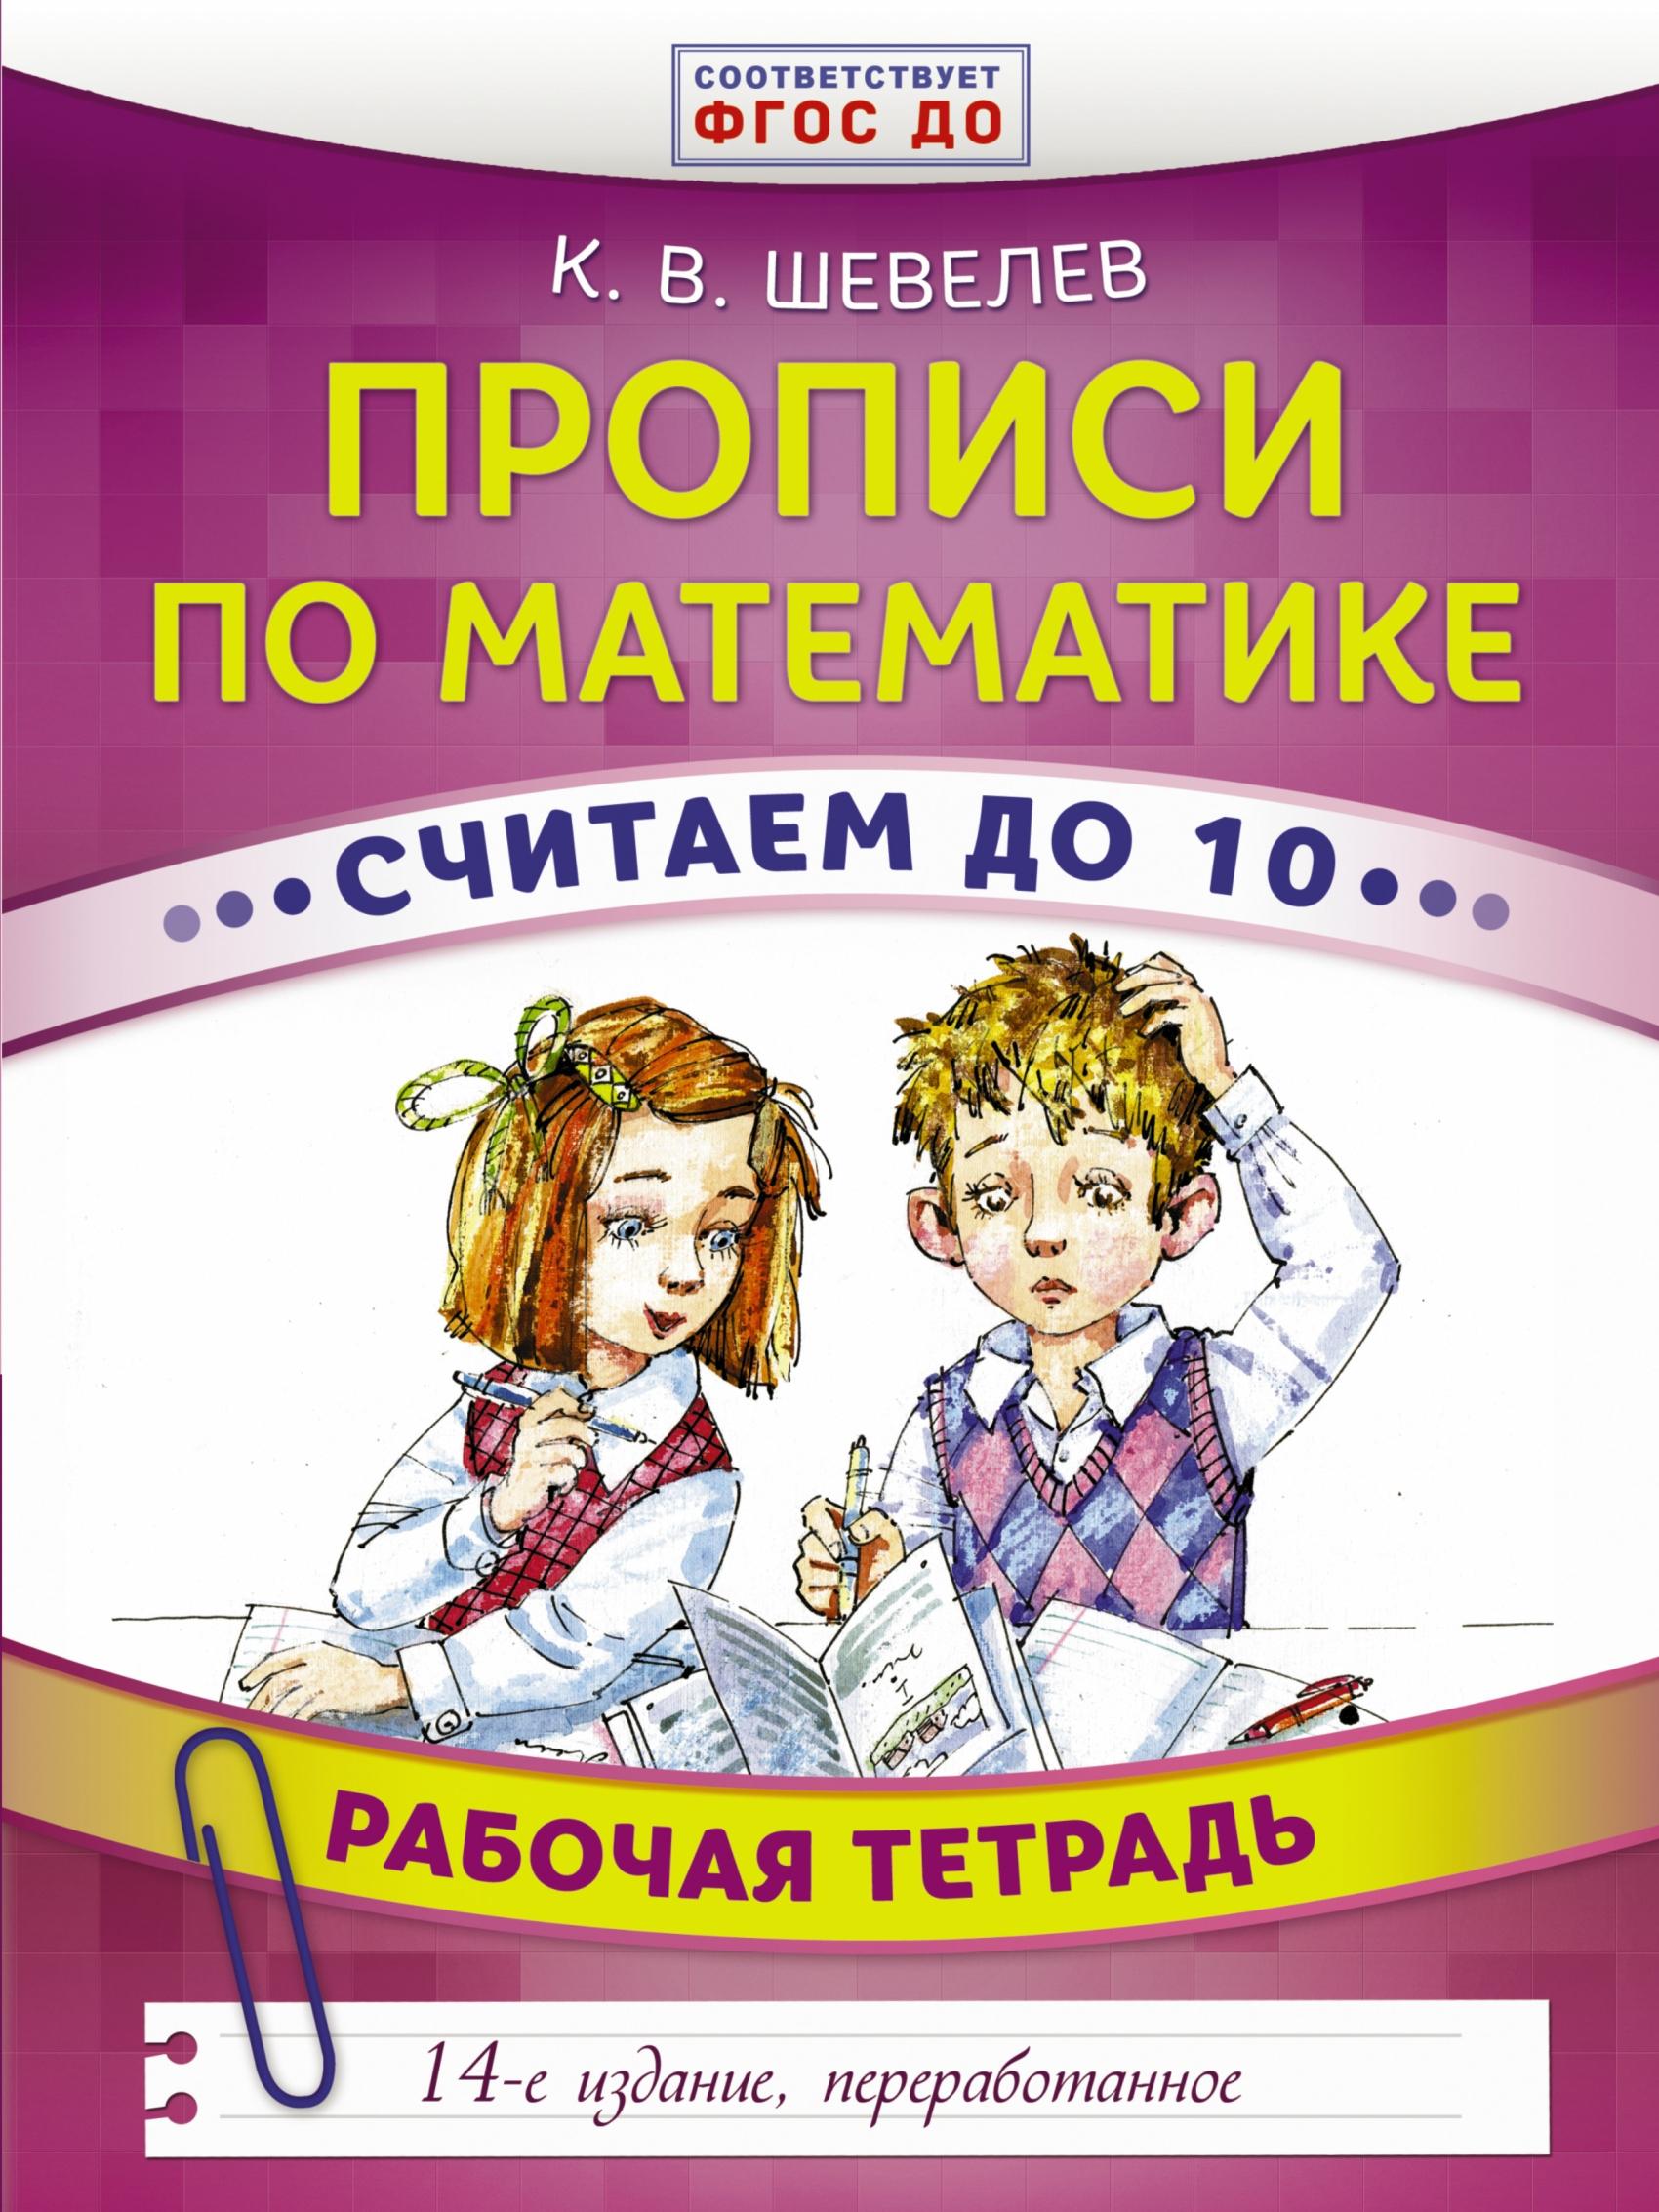 Константин Шевелев Прописи по математике. Считаем до 10. Рабочая тетрадь шевелев к прописи по математике считаем до 20 рабочая тетрадь